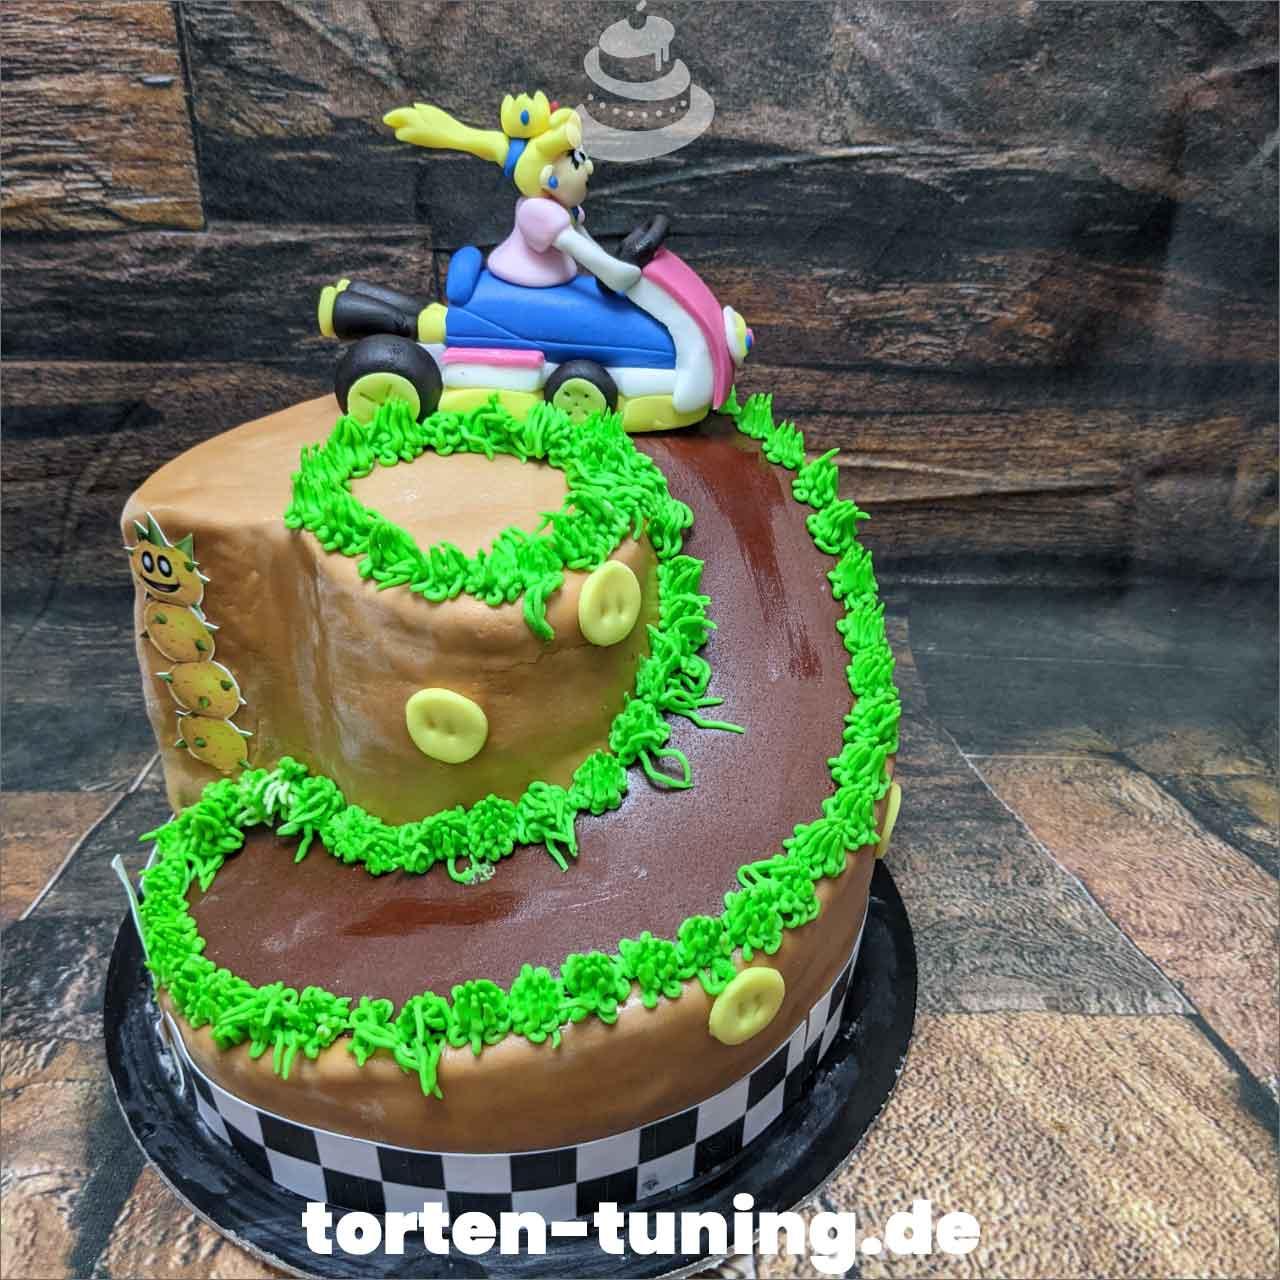 Mario Kart Peach Dripcake Obsttorte Geburtstagstorte Motivtorte Torte Tortendekoration Torte online bestellen Suhl Thüringen Torten Tuning Sahnetorte Tortenfiguren Cake Topper